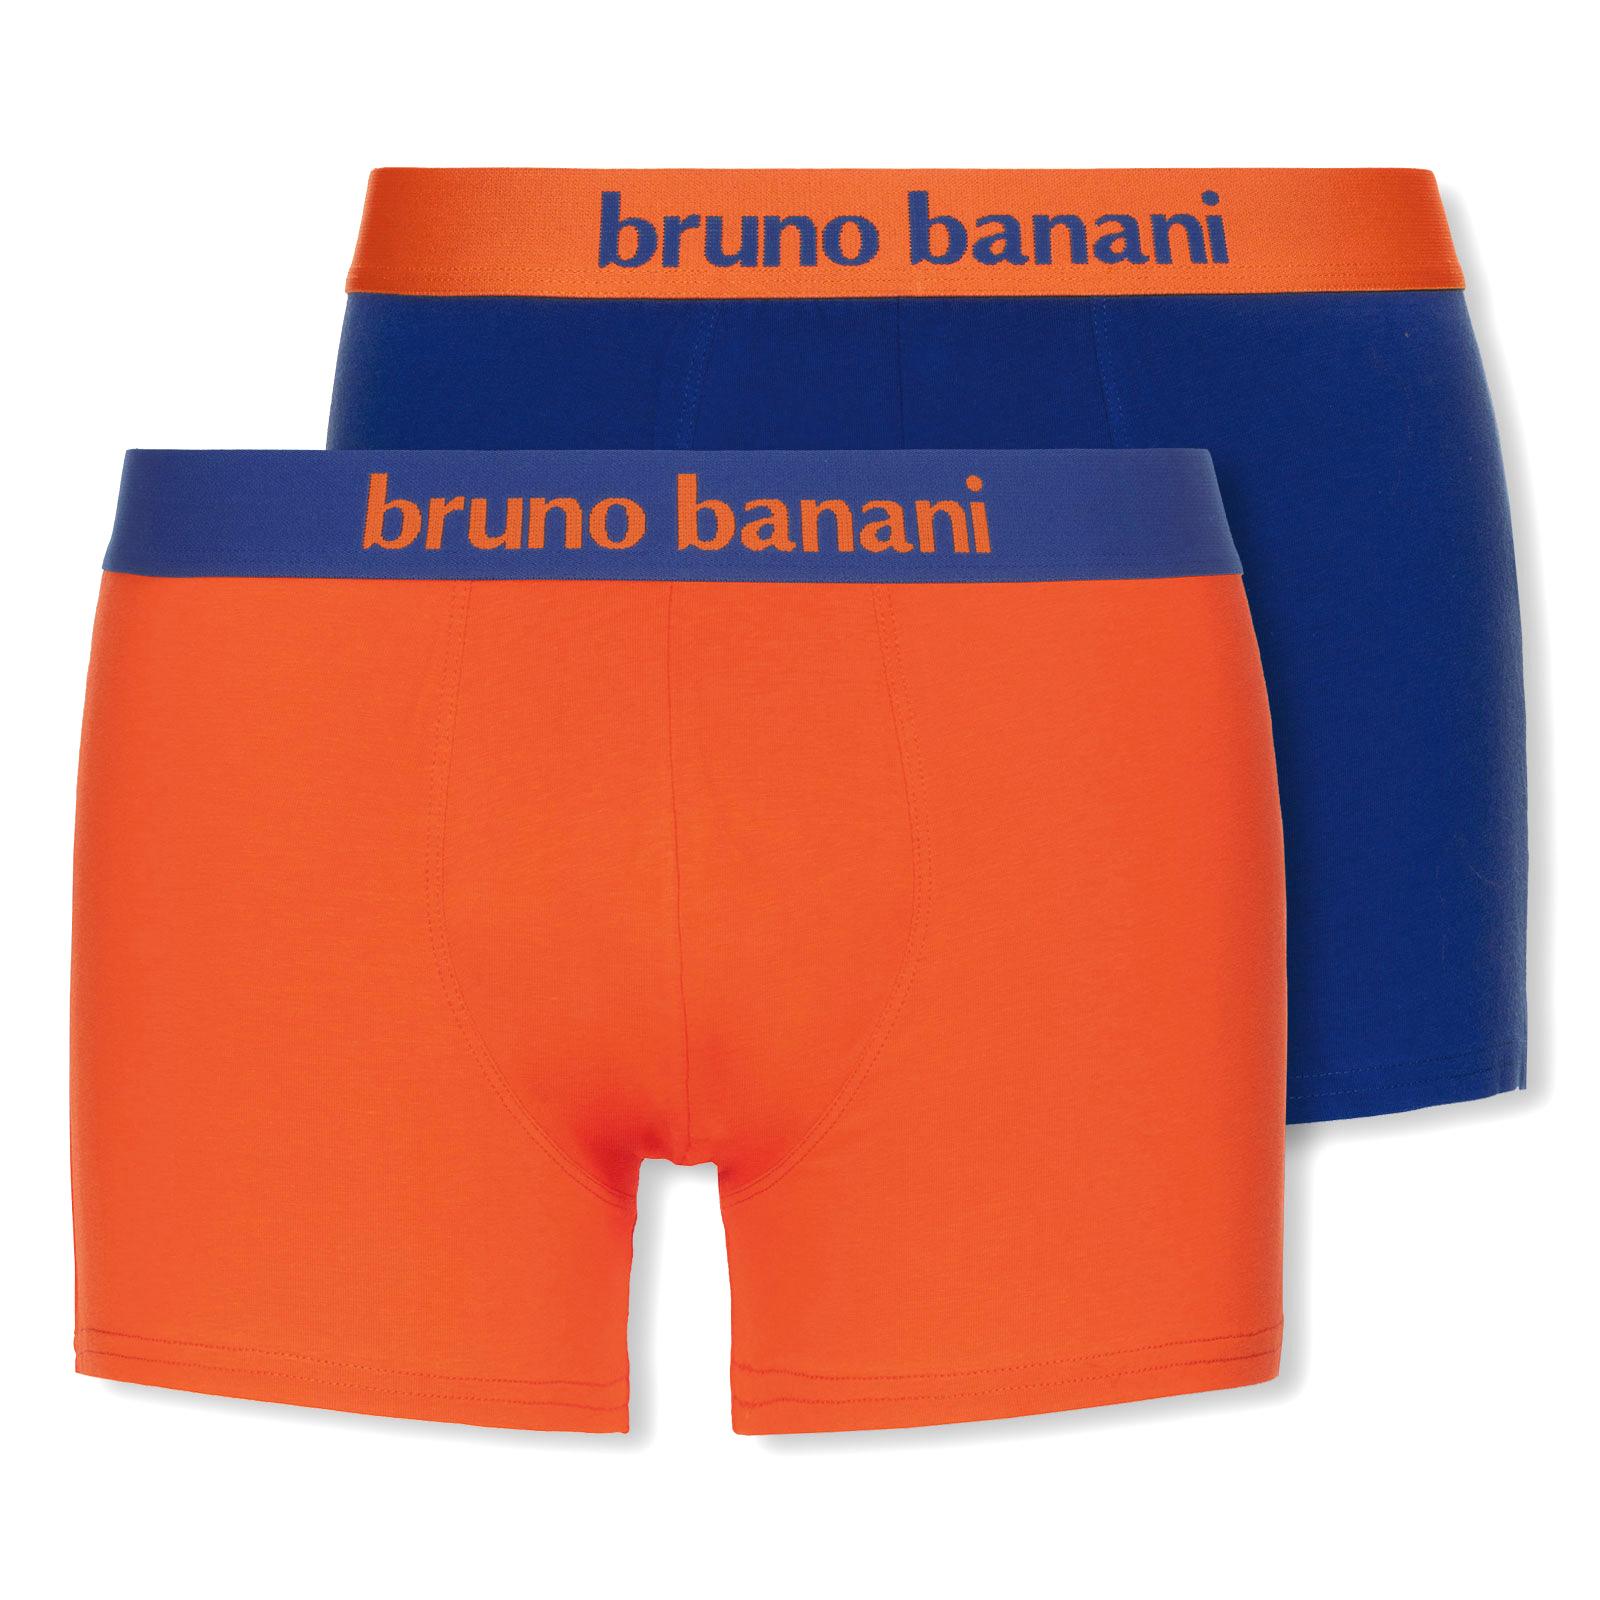 Комплект трусов боксеров (2 шт) 2203-1388 Flowing синий-оранжевый Bruno banani